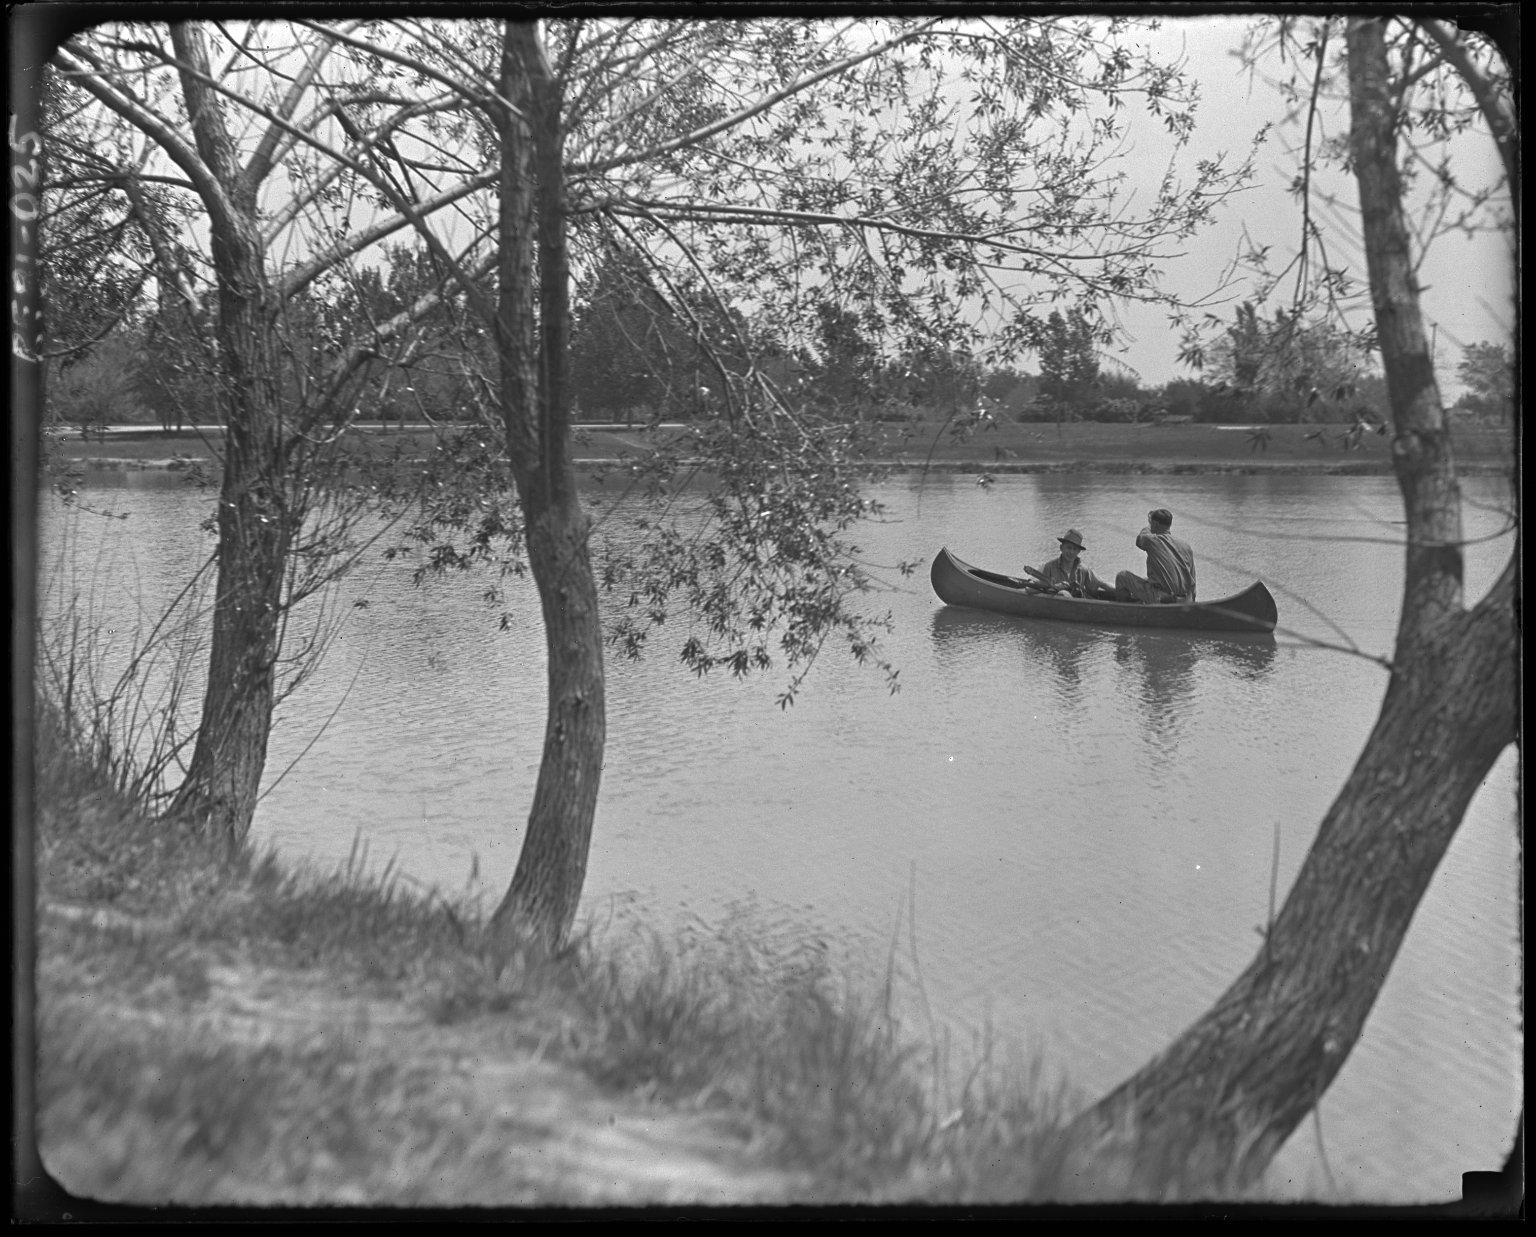 Canoe on Washington Park Lake